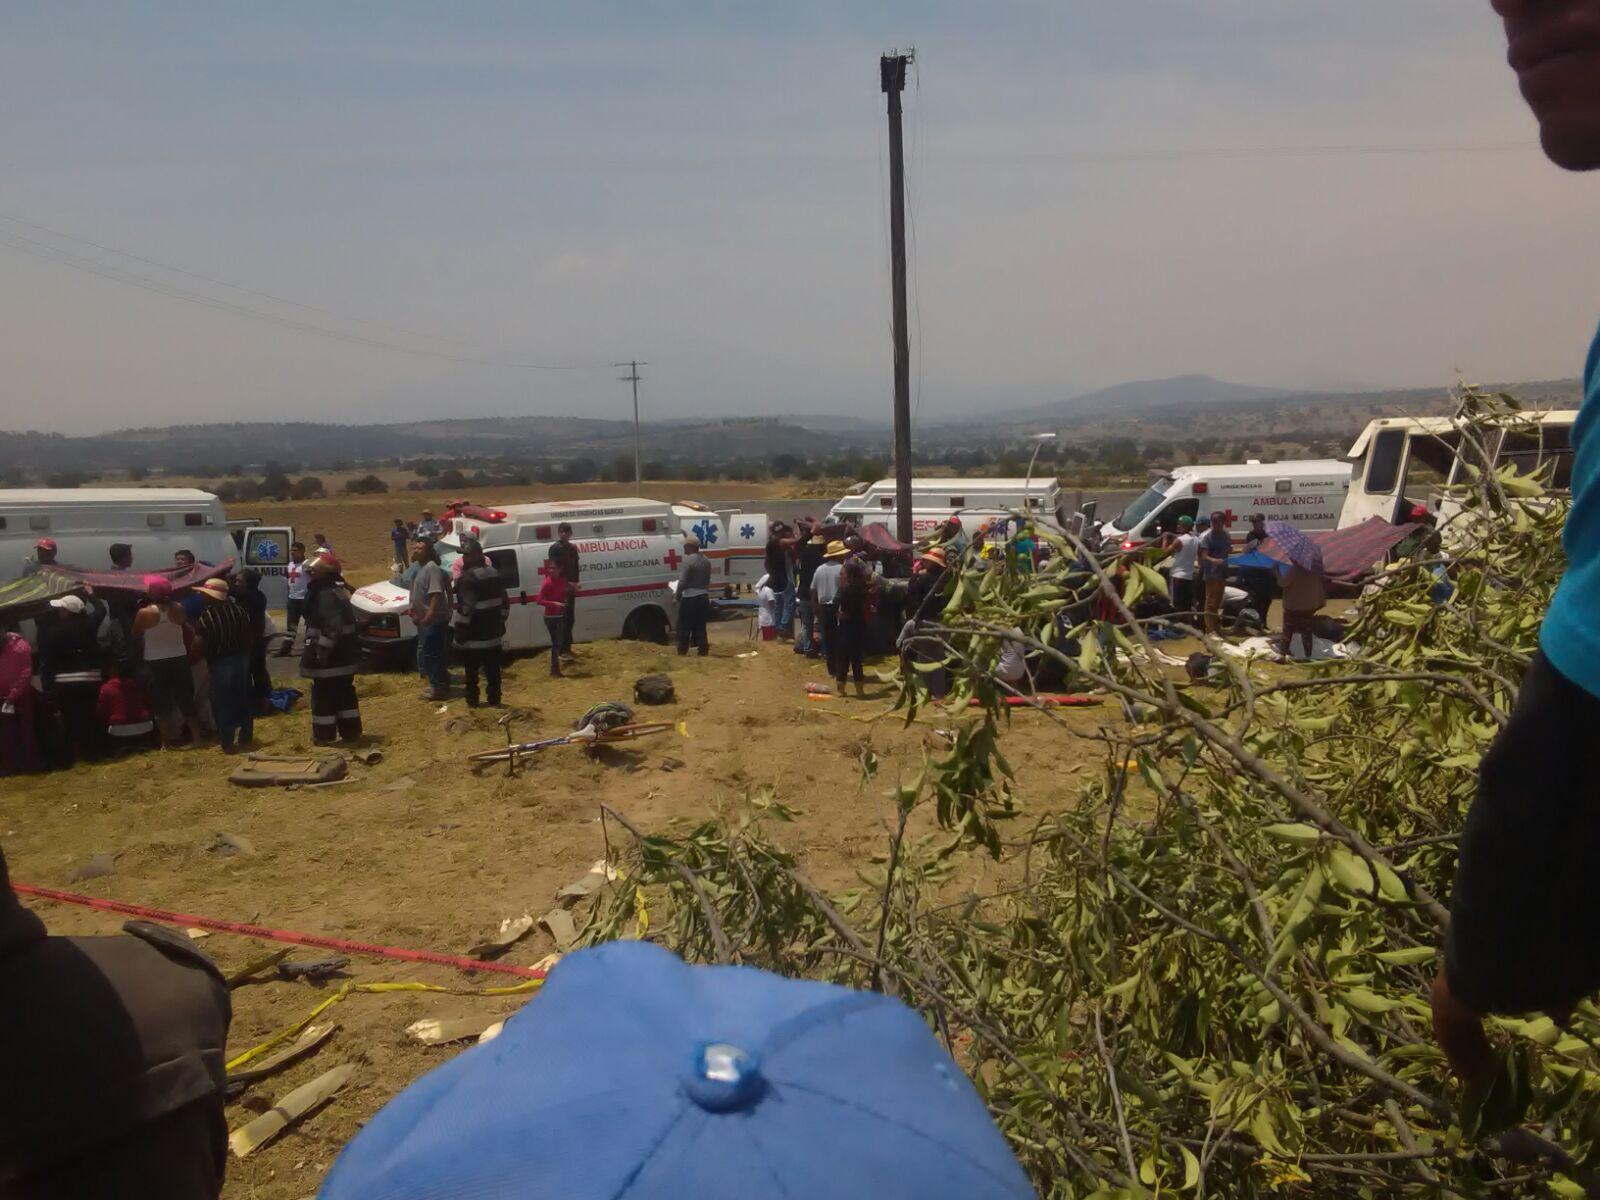 Nueva tragedia se suscita en la carretera al santuario de Texocuixpan